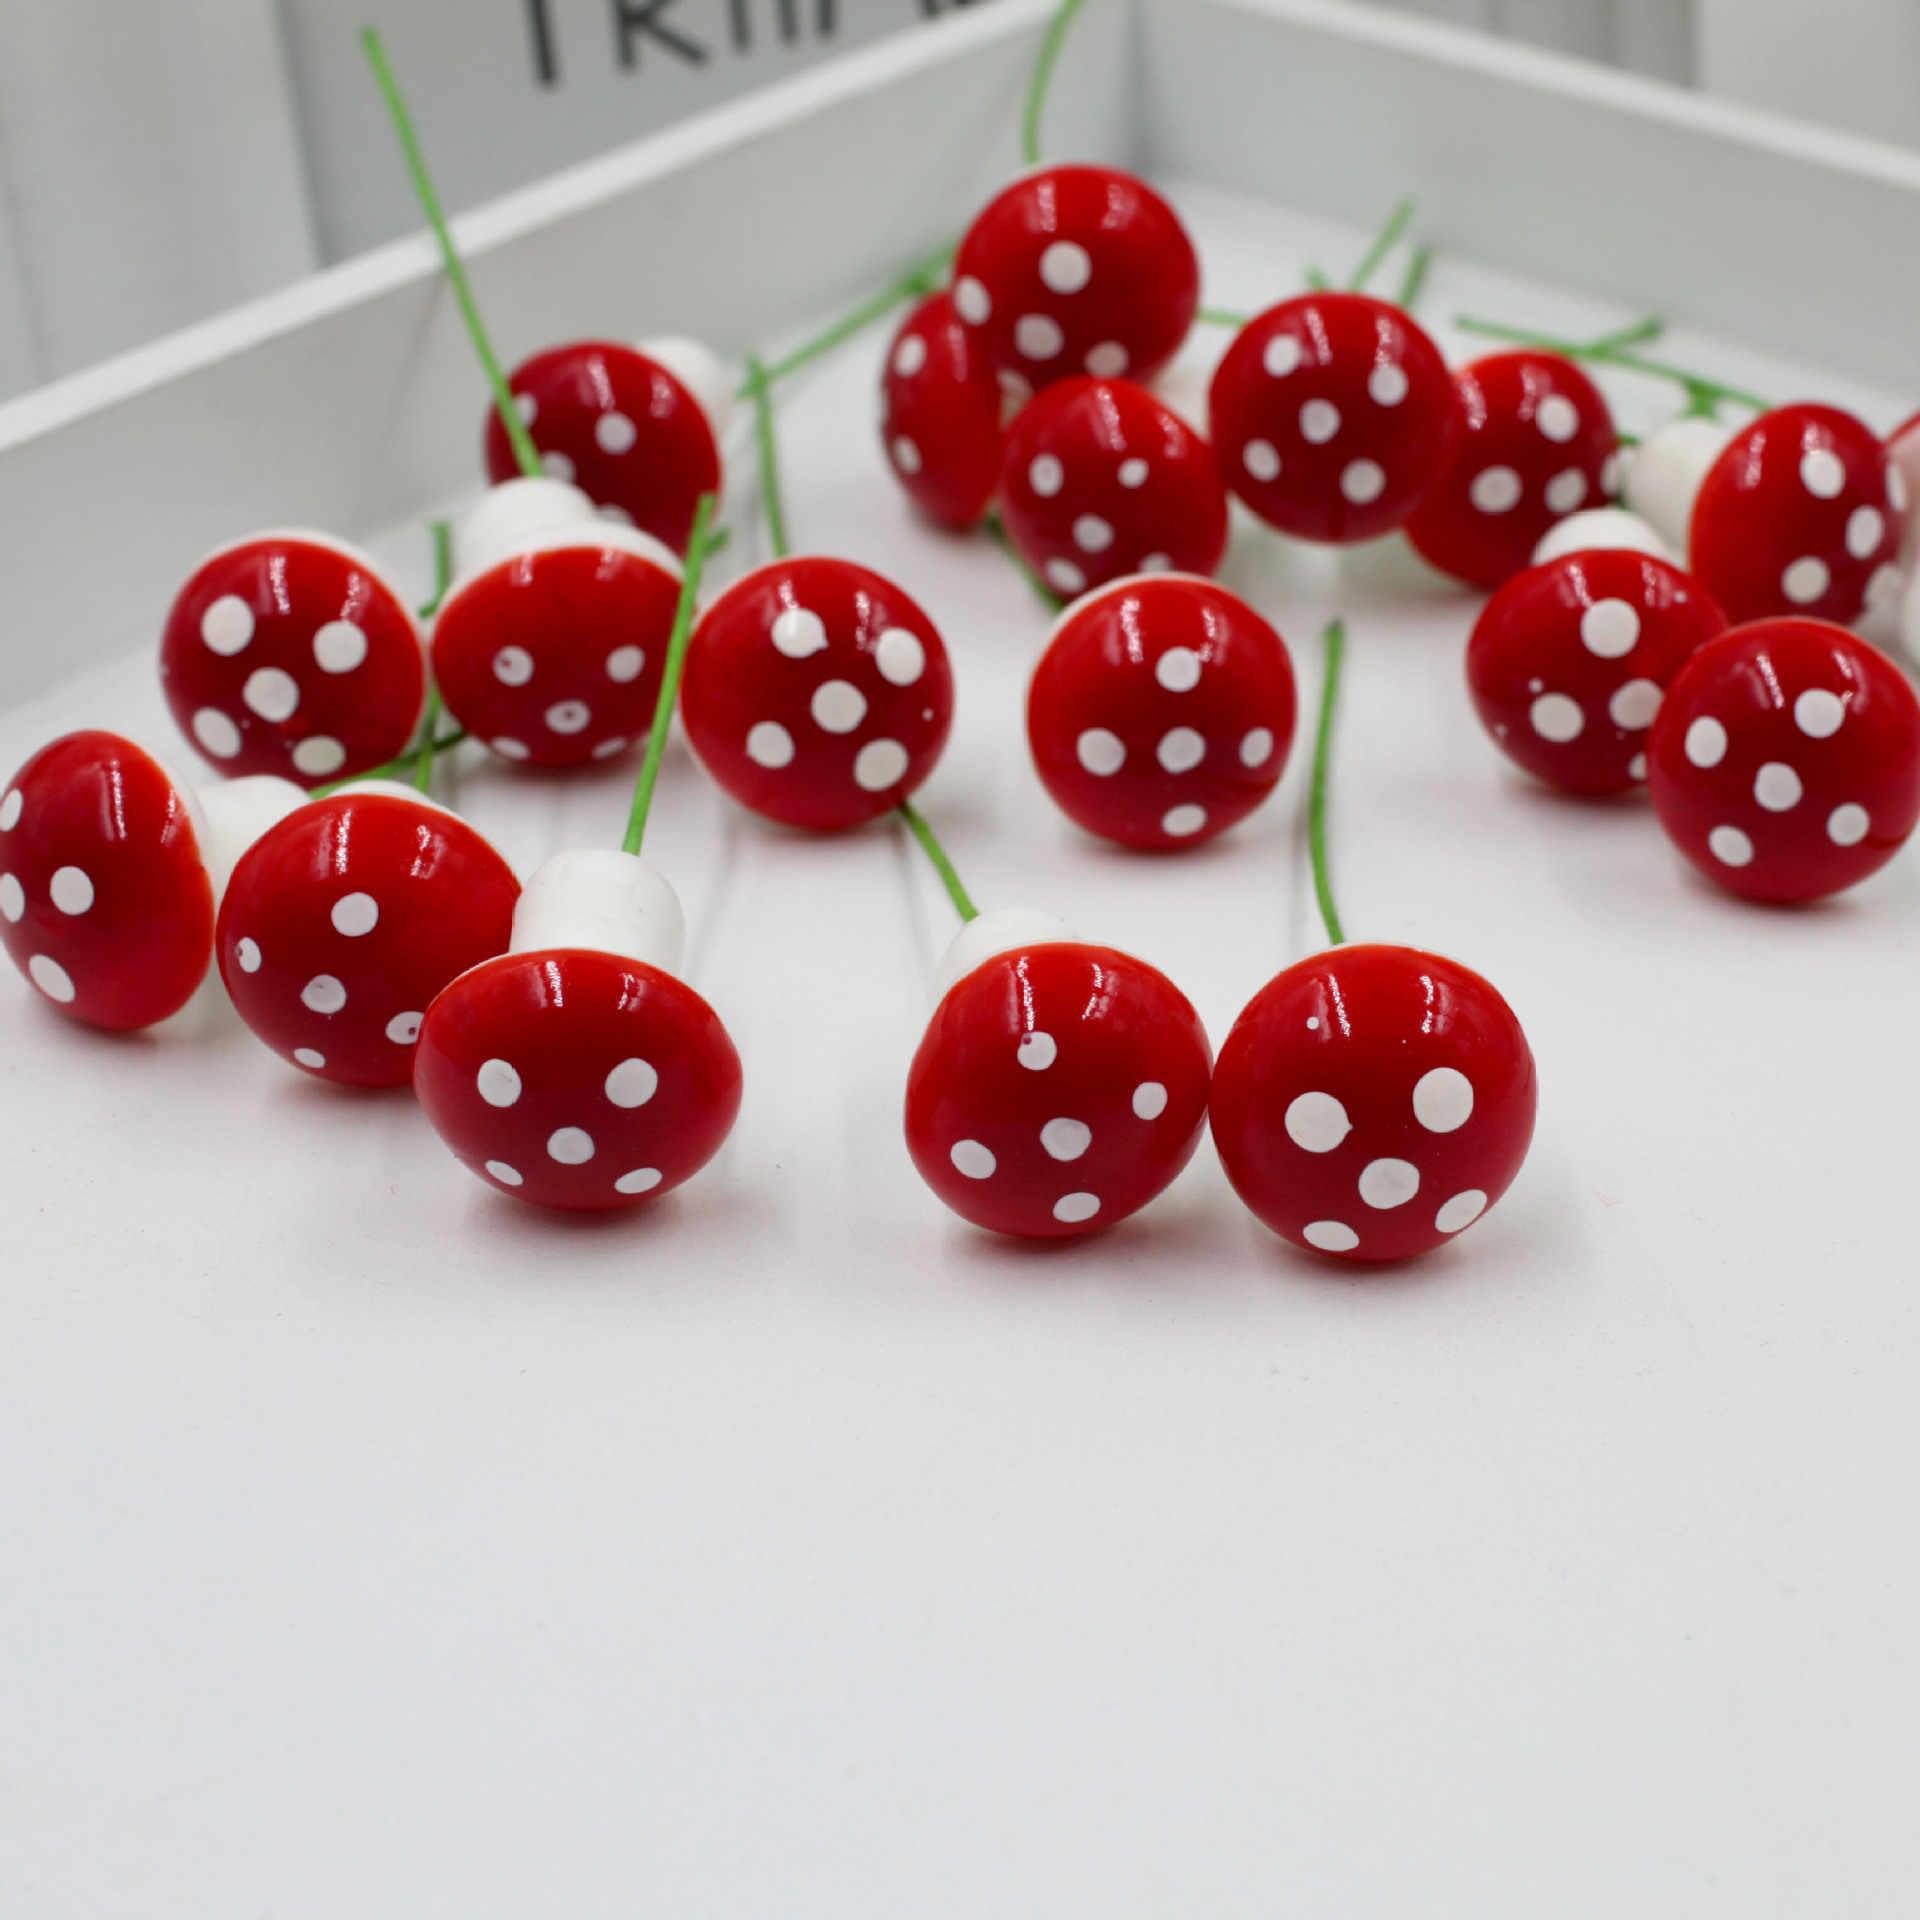 10 Buah/Set 2 Cm Buatan Mini Jamur Miniatur Fairy Taman Moss Terarium Resin Kerajinan Dekorasi Taruhan Kerajinan untuk Rumah